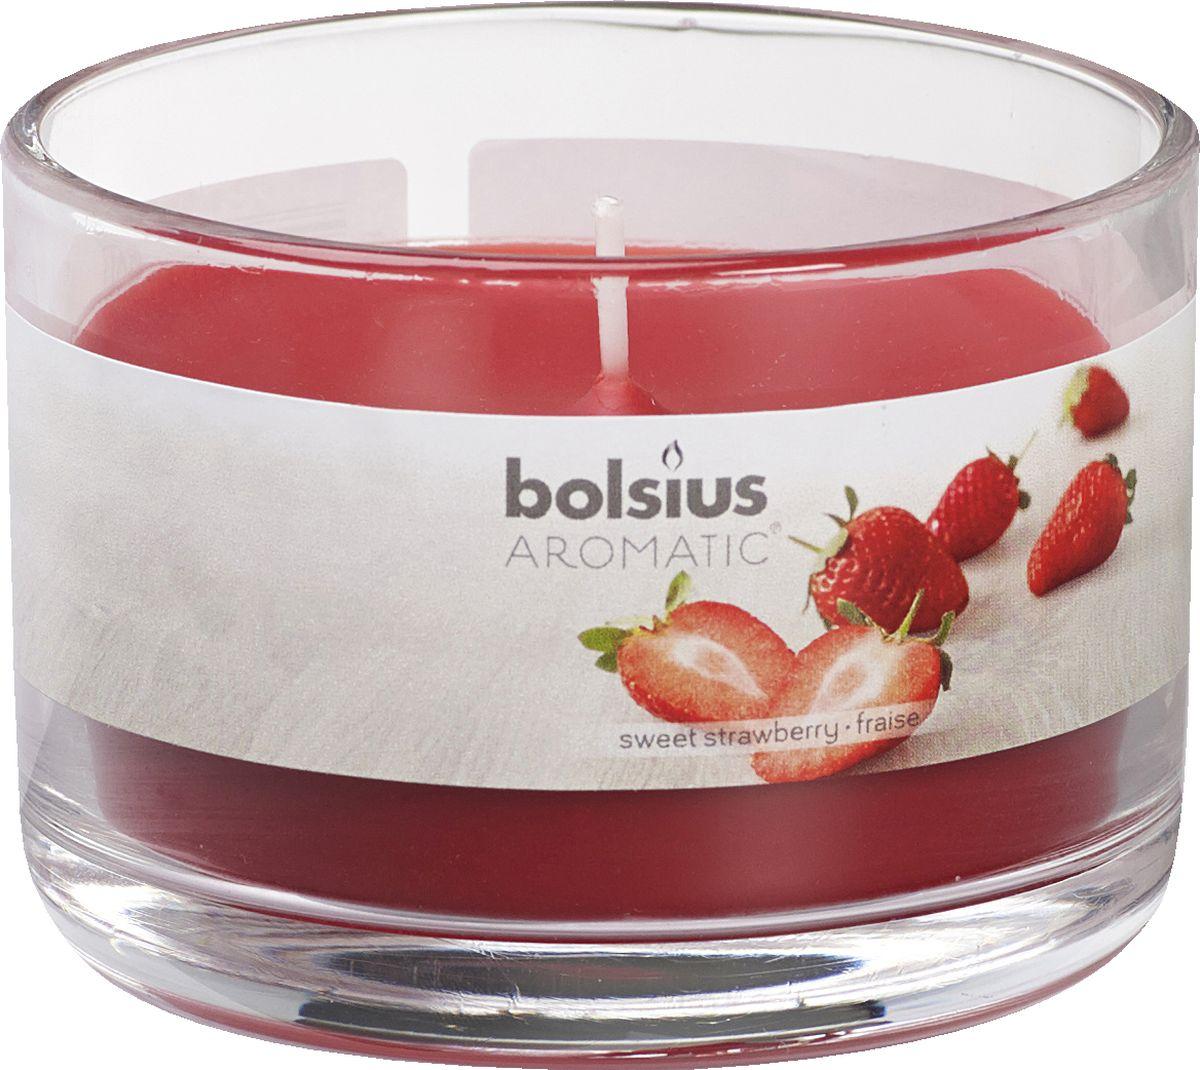 Свеча ароматизированная Bolsius Клубника, высота 6,3 см103625820343Ароматизированная свеча Bolsius, изготовленная из парафина, помещена в подсвечник, выполненный из стекла. Изделие отличается оригинальным дизайном и приятным ароматом. Такая свеча не только поможет дополнить интерьер вашей комнаты, но и станет отличным подарком.